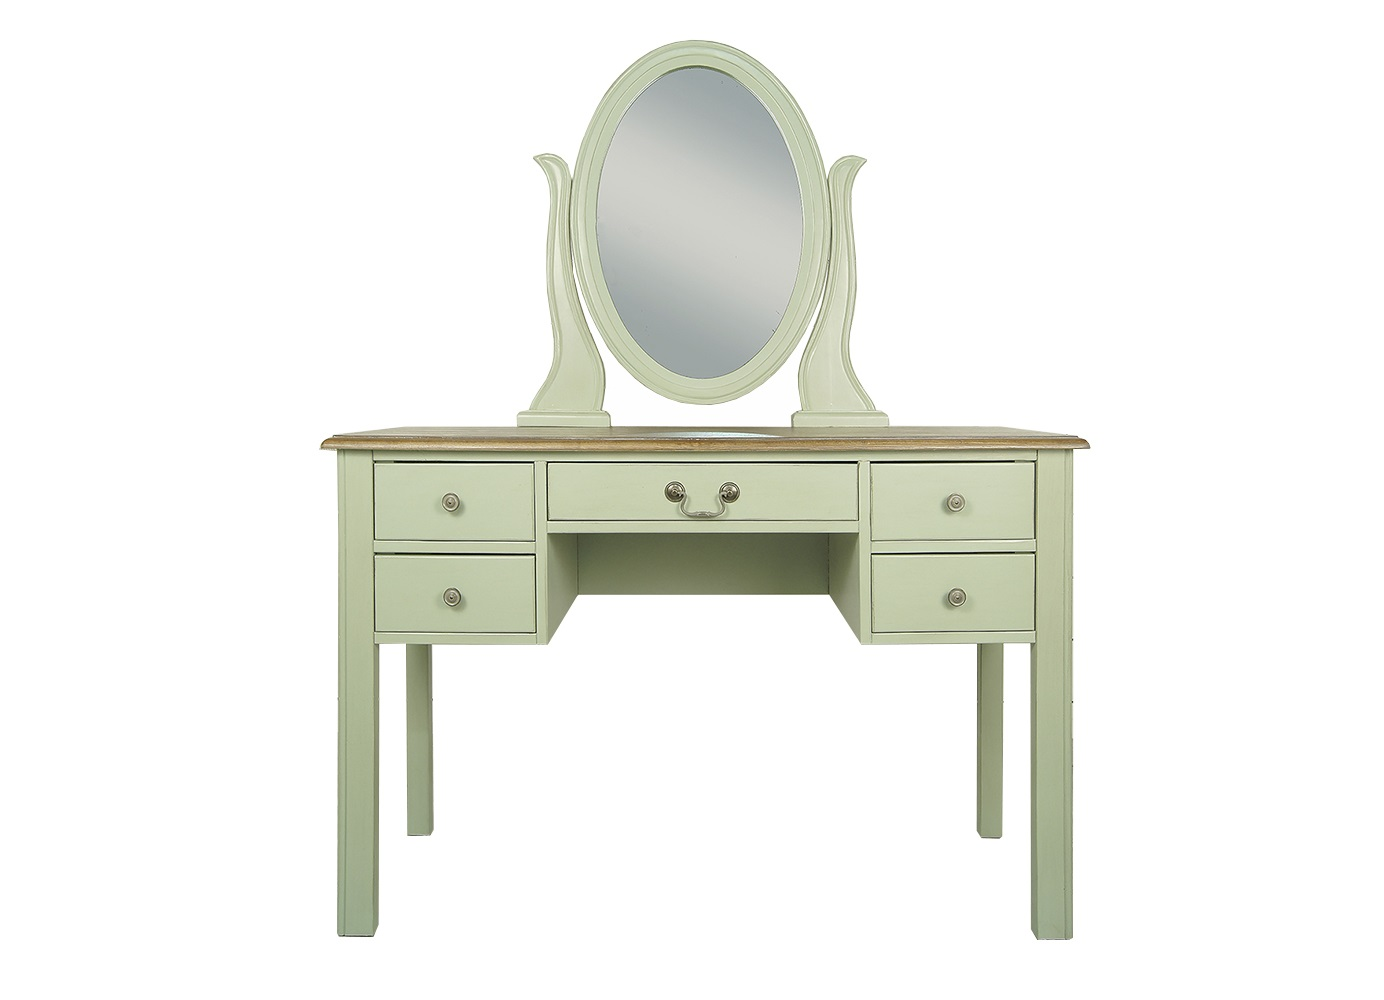 Туалетный стол OliviaТуалетные столики<br>Трудно представить себе более подходящий вариант туалетного столика для женщины, которая любит порядок во всем. Строгая симметрия вместительных ящиков делает силуэт &amp;quot;Olivia&amp;quot; элегантным. Наличие множества мест для хранения позволяет всегда иметь под рукой любой предмет, необходимый для создания безупречного образа.&amp;amp;nbsp;<br><br><br><br>&amp;lt;div&amp;gt;&amp;lt;br&amp;gt;&amp;lt;/div&amp;gt;&amp;lt;div&amp;gt;Материал: массив березы.&amp;amp;nbsp;&amp;lt;/div&amp;gt;&amp;lt;div&amp;gt;Вес: 25 кг.&amp;lt;/div&amp;gt;<br><br>Material: Береза<br>Ширина см: 120<br>Высота см: 150<br>Глубина см: 45